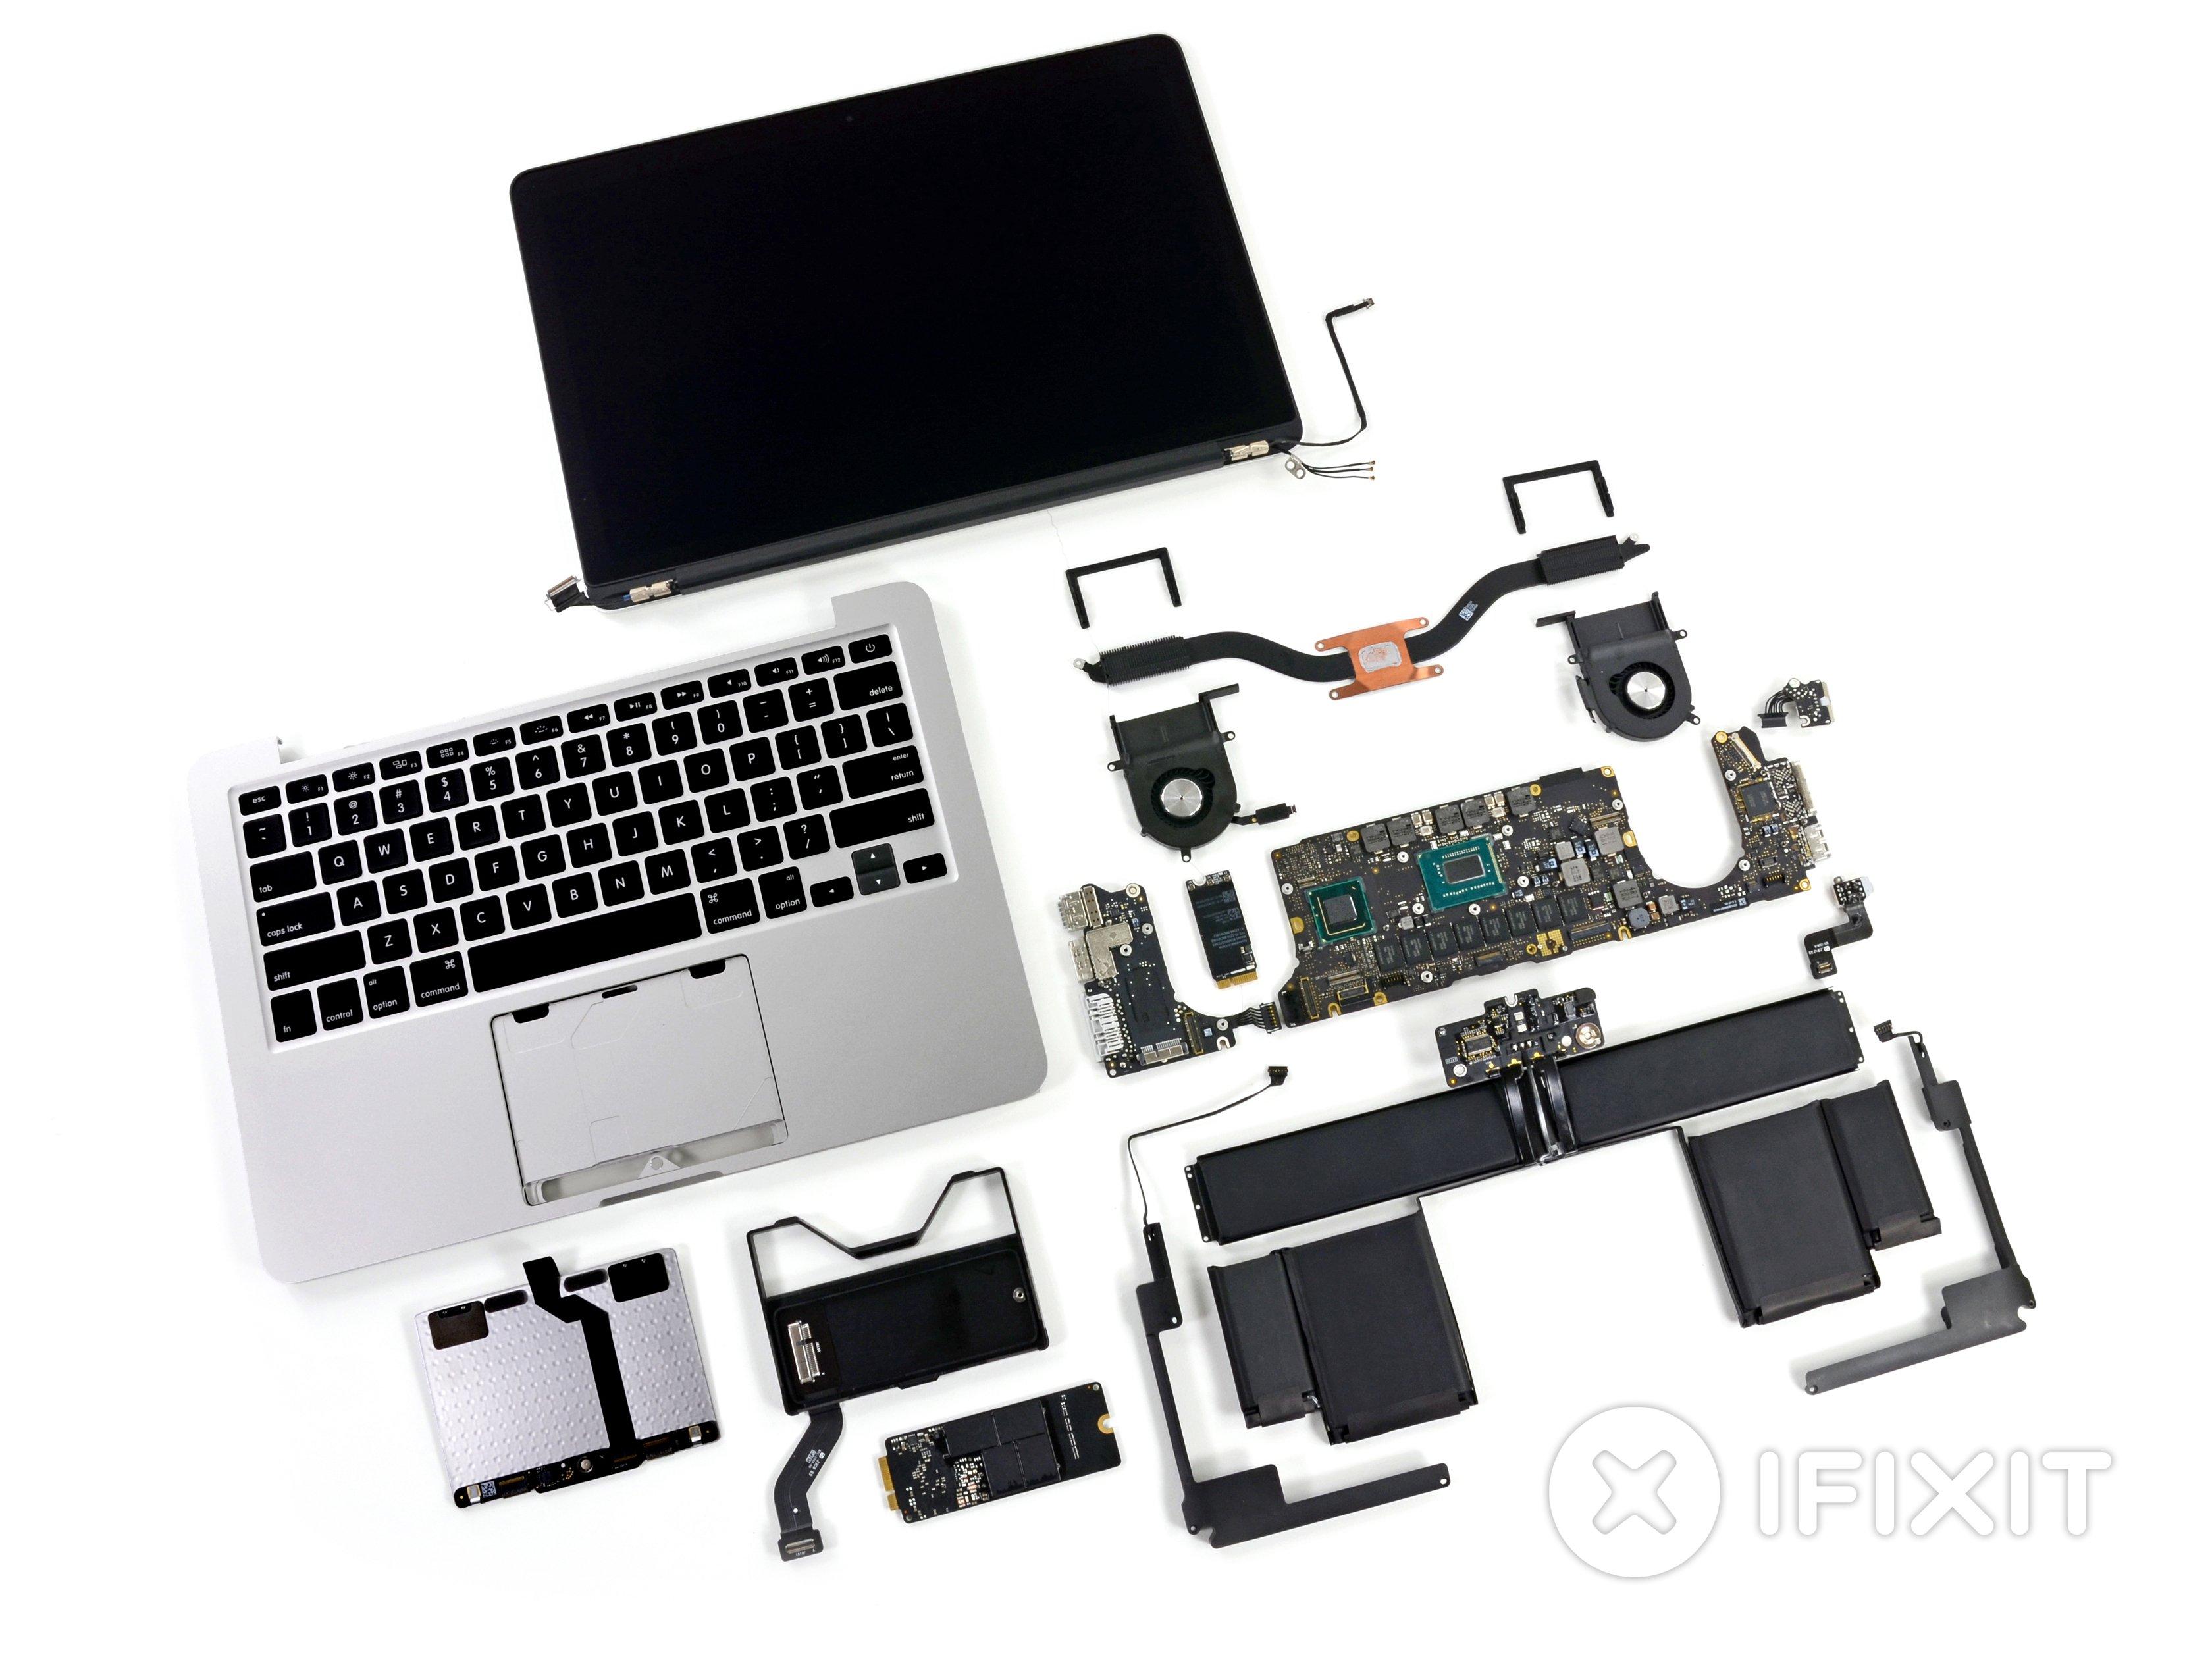 Posso collegare 2 monitor al mio MacBook Pro Cutie Dating sito Web